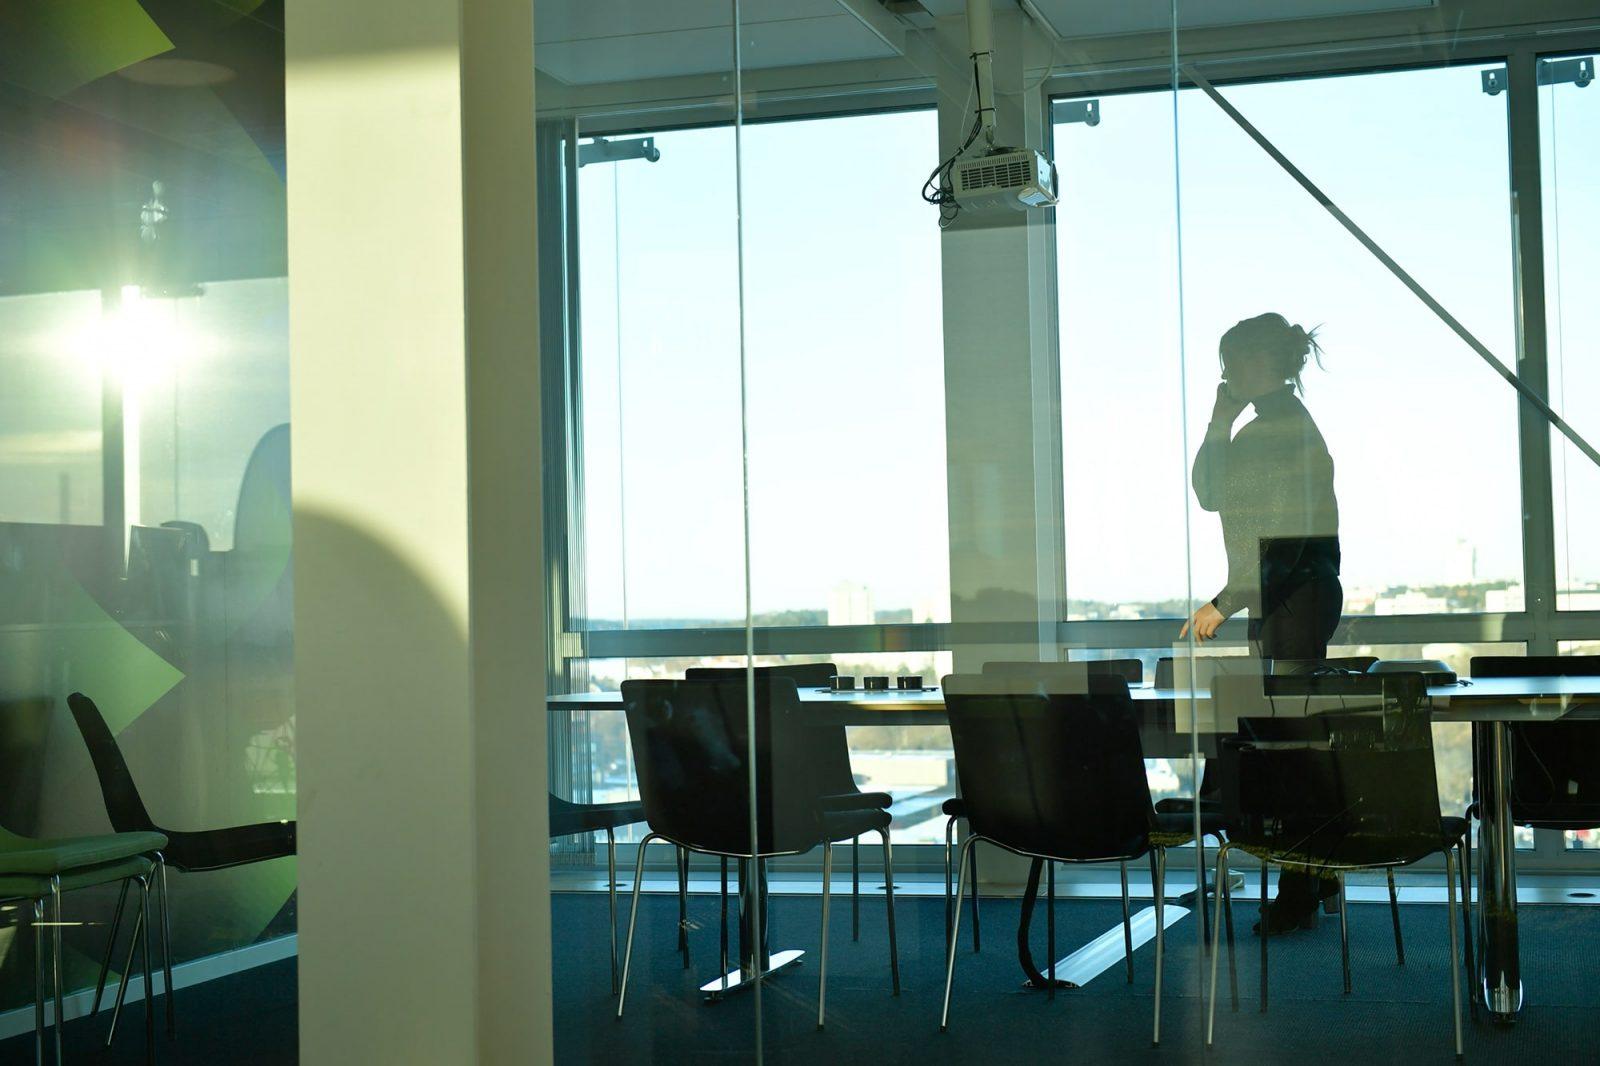 Kvinna står i konferensrum och pratar i telefon